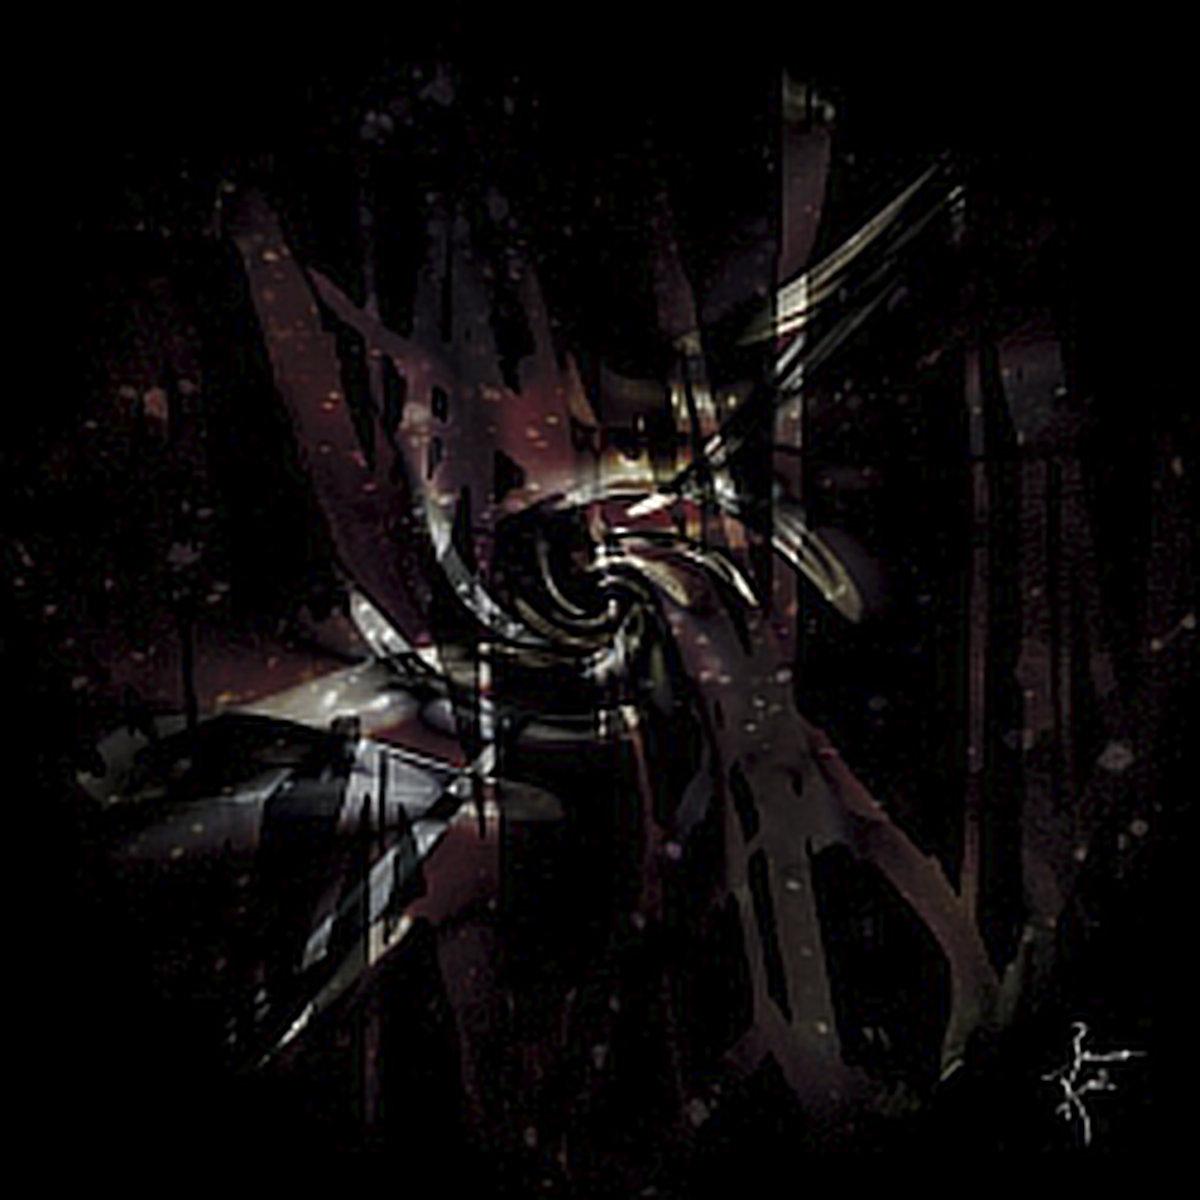 Peinture numérique Matière noire. Série Chronoschromaties.